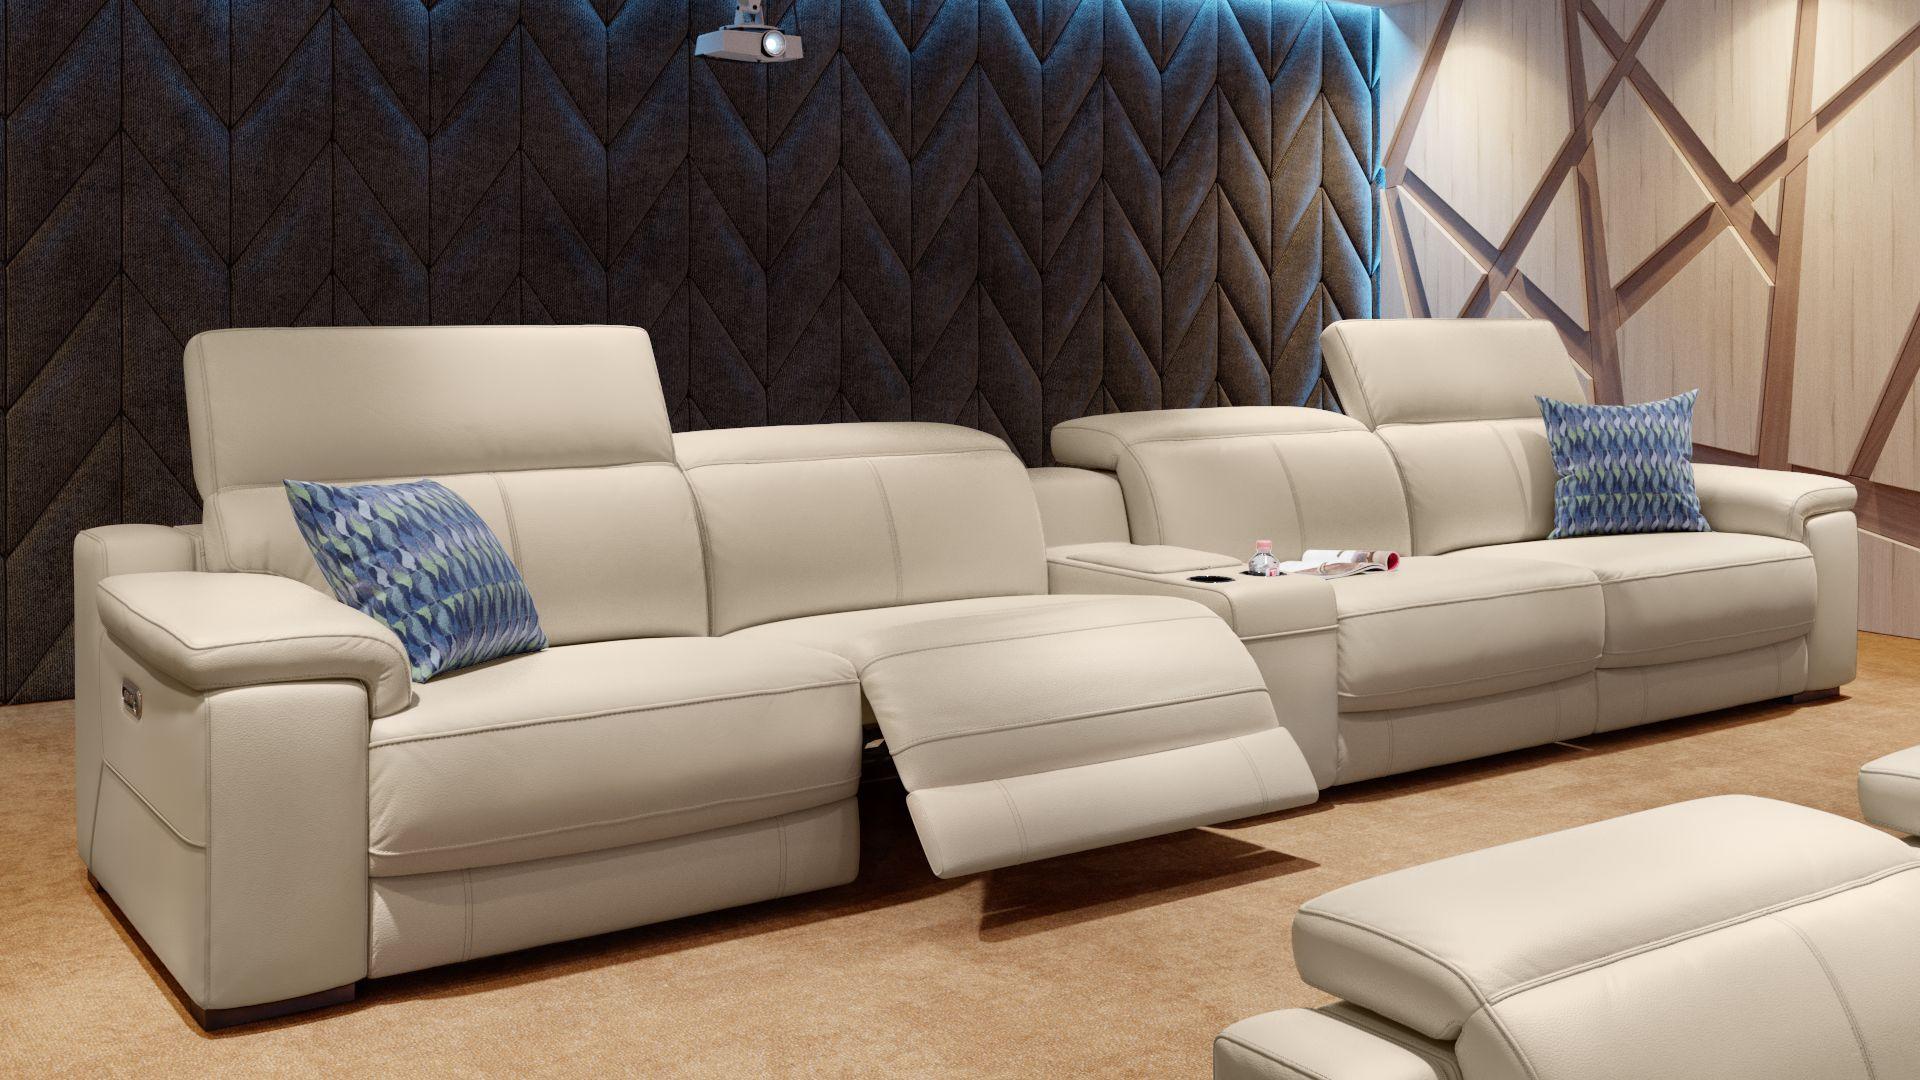 Leder 4-Sitzer Kinosofa mit einer Mittelkonsole SORA